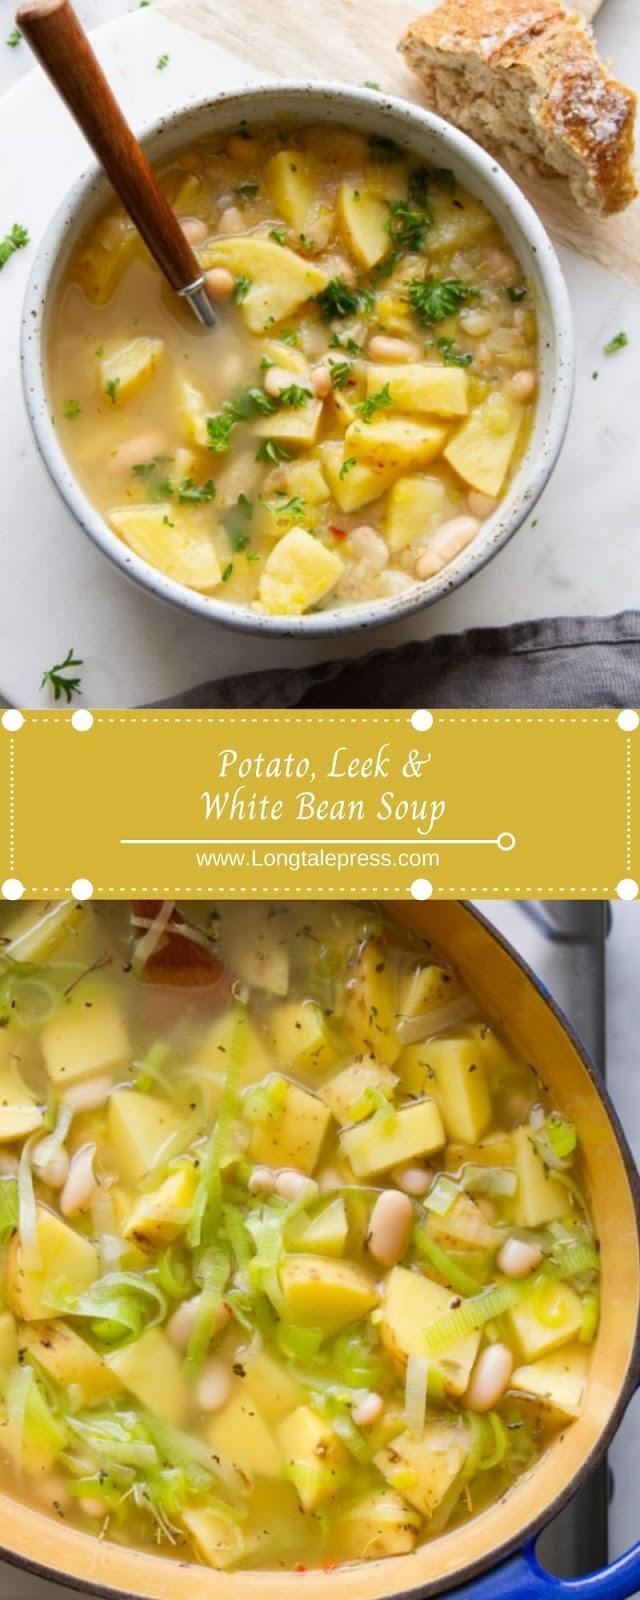 Potato, Leek & White Bean Soup